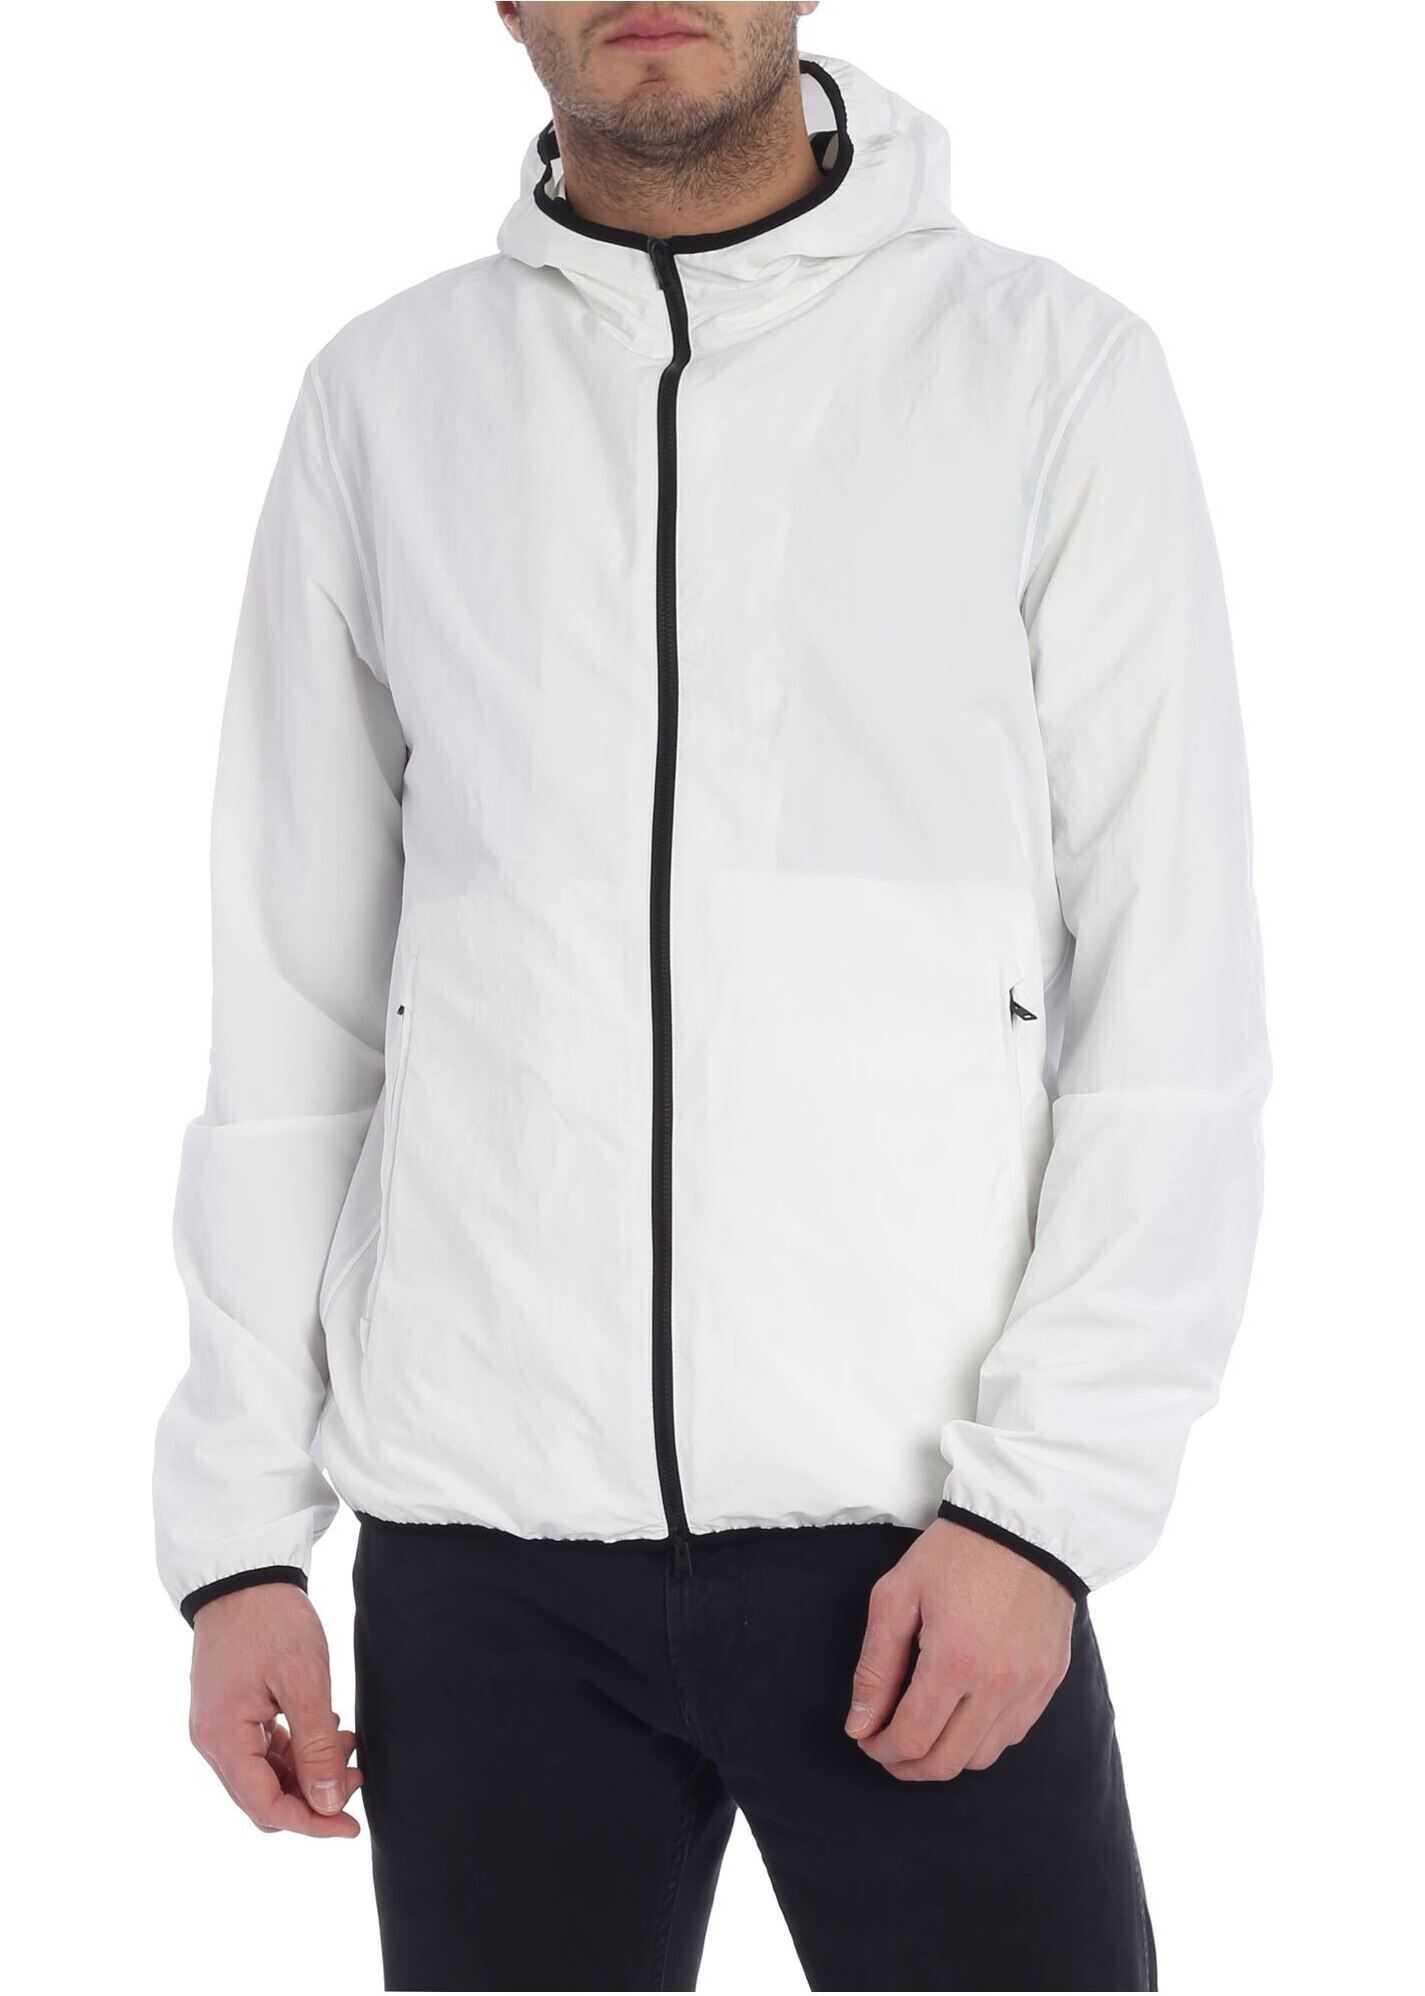 Hooded Jacket White